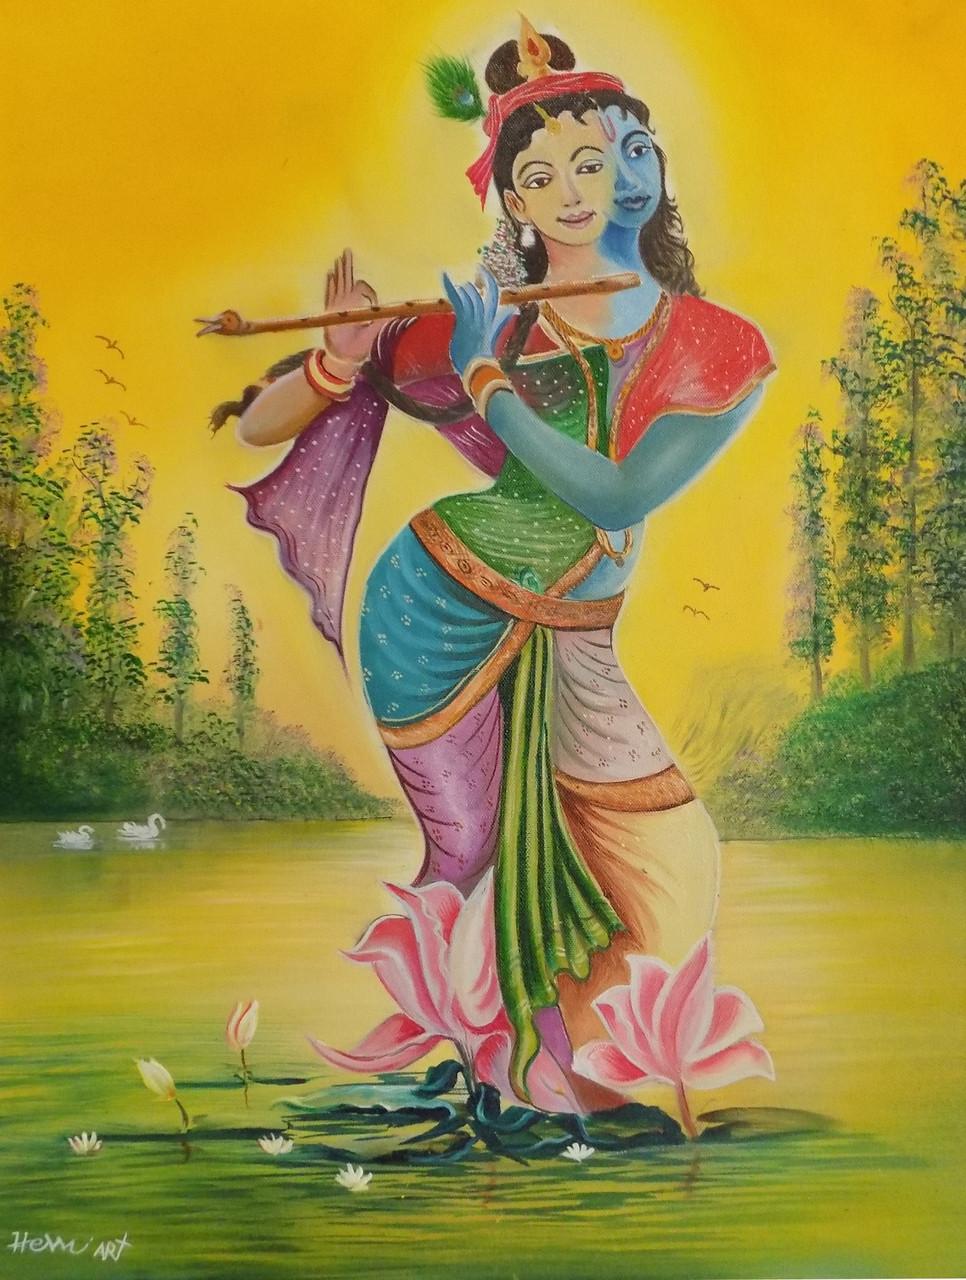 Buy HemArts – 004 Radhe Krishna Handmade Painting by Hem Art. Code ...